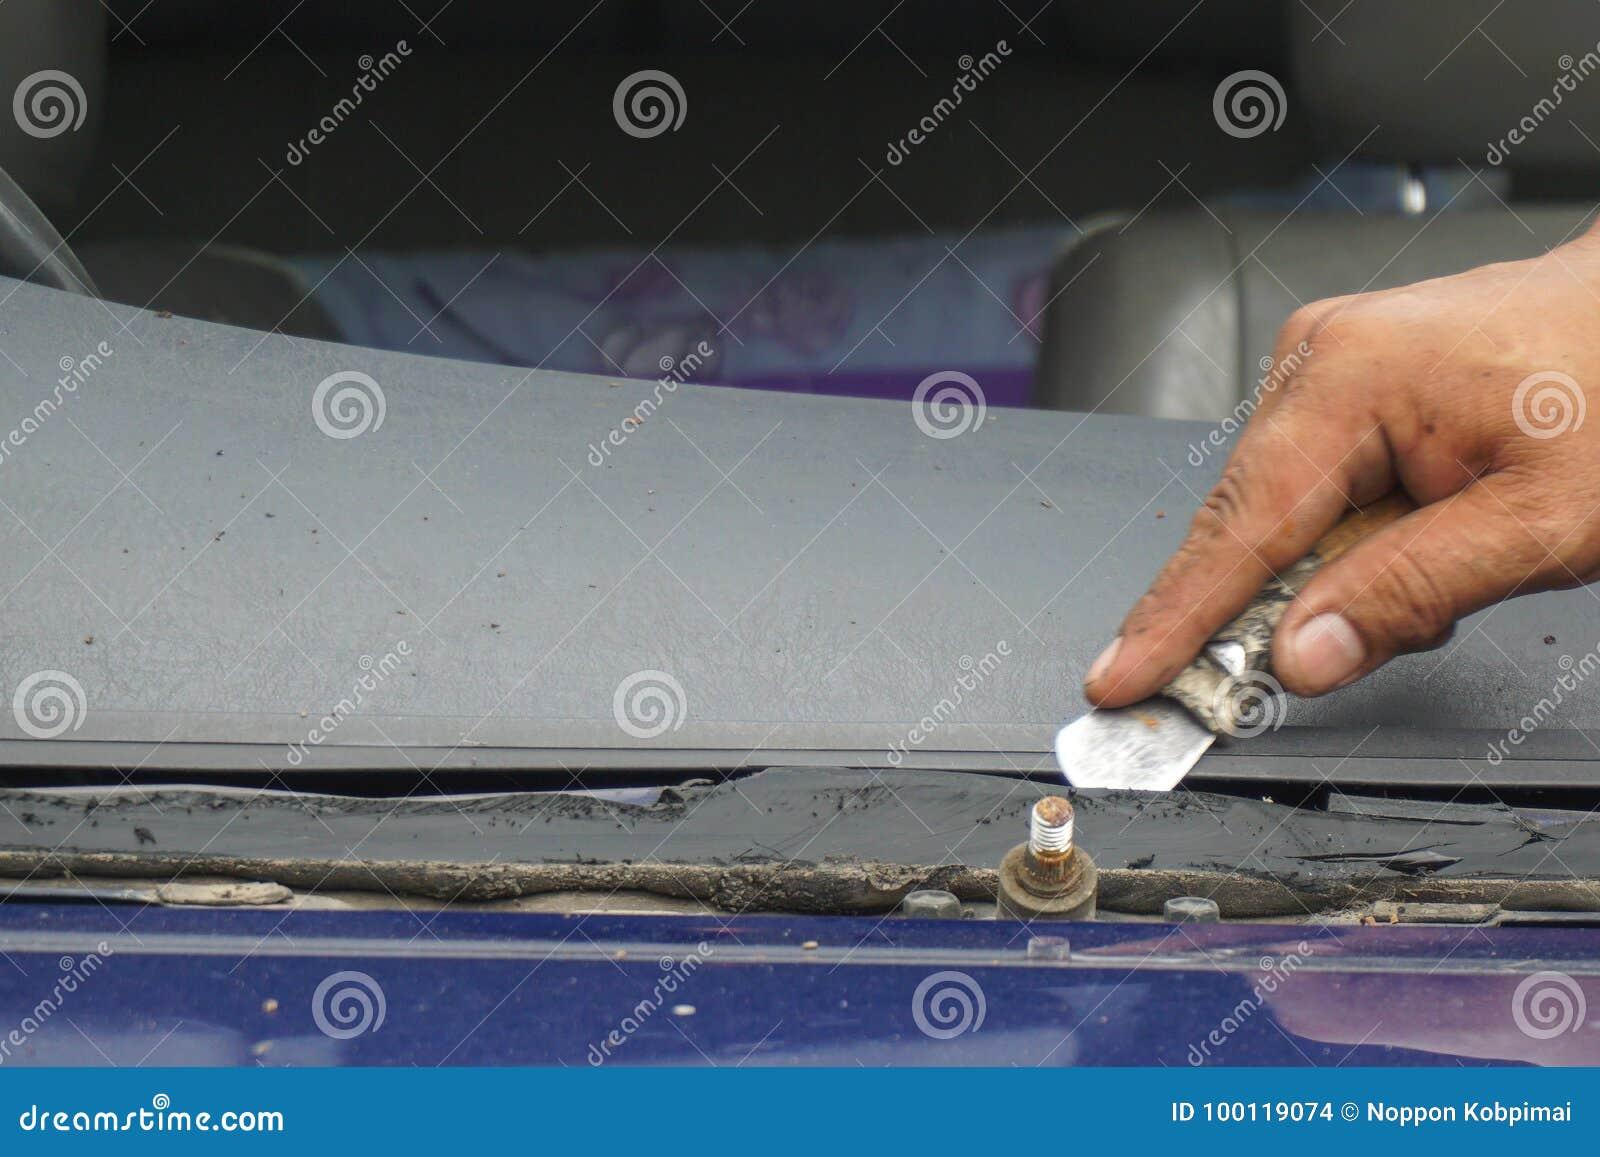 Glazier Repairing Fix Crack Broken Windshield, Windscreen